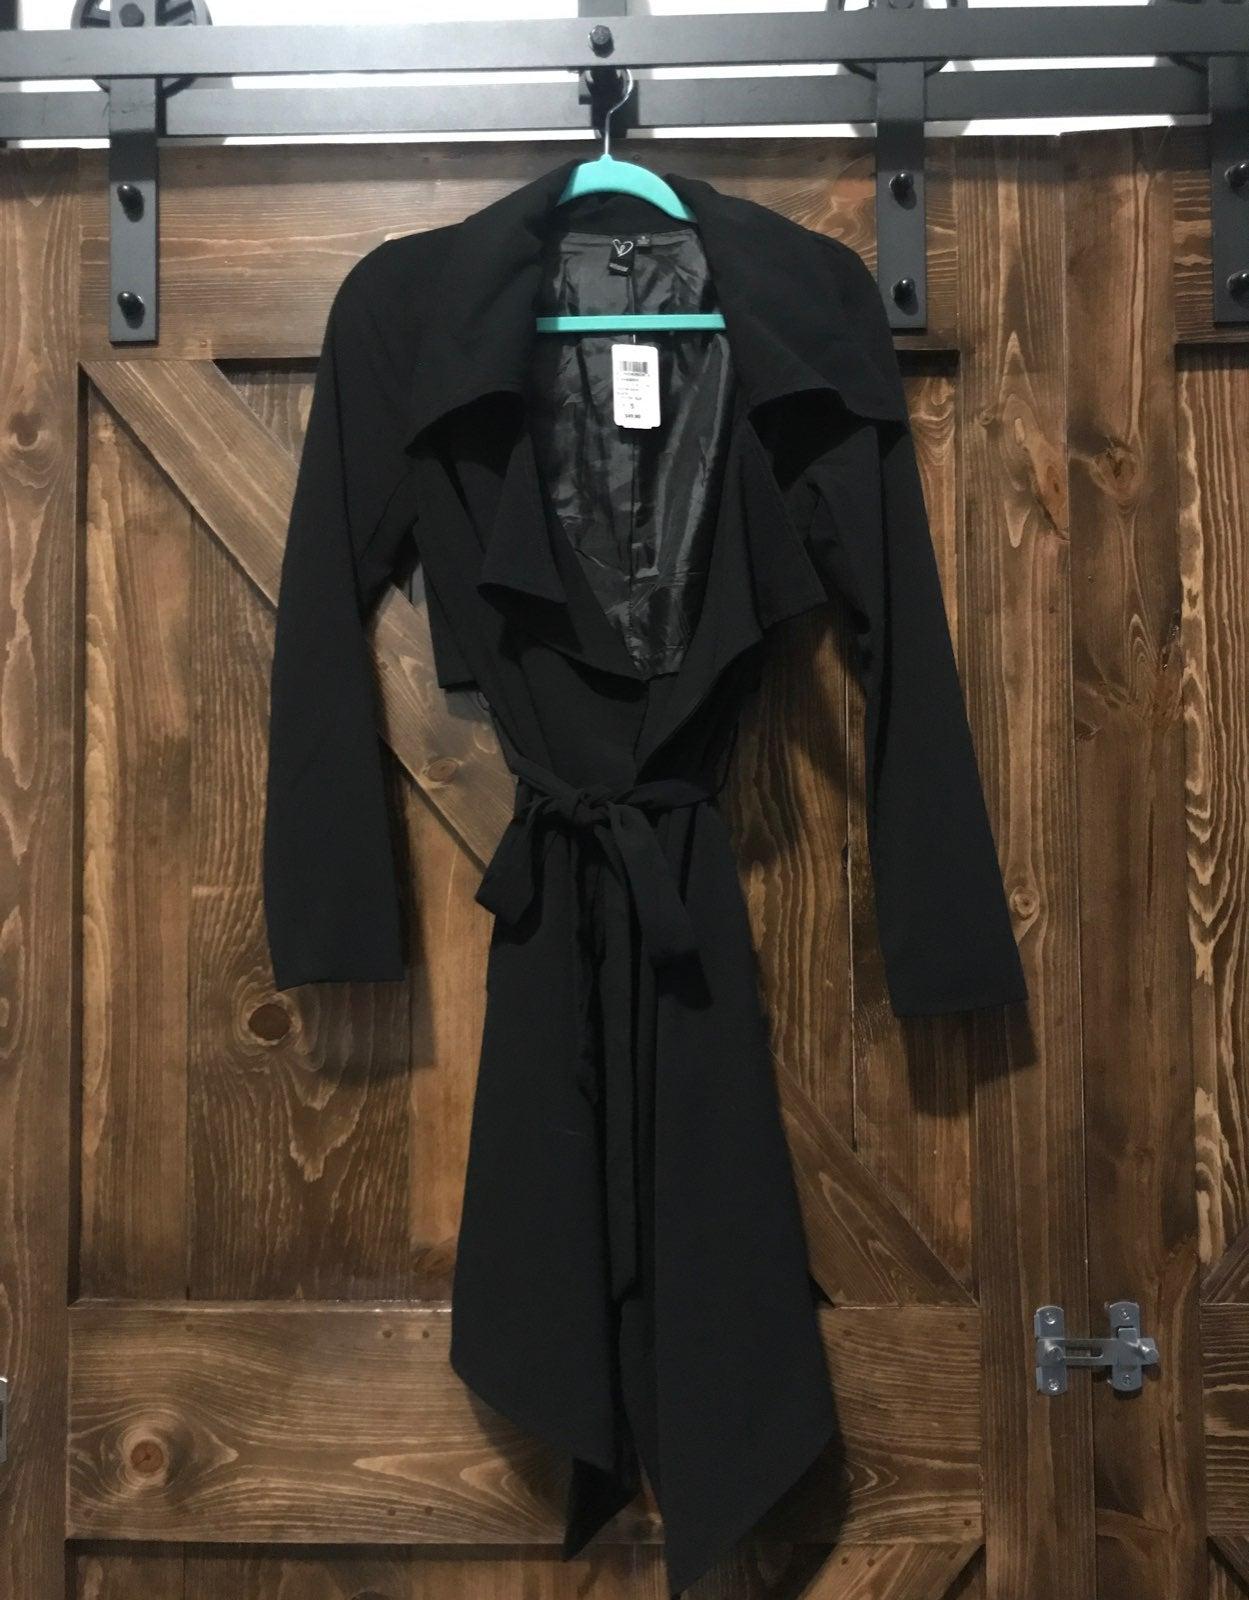 Ling Black Jacket